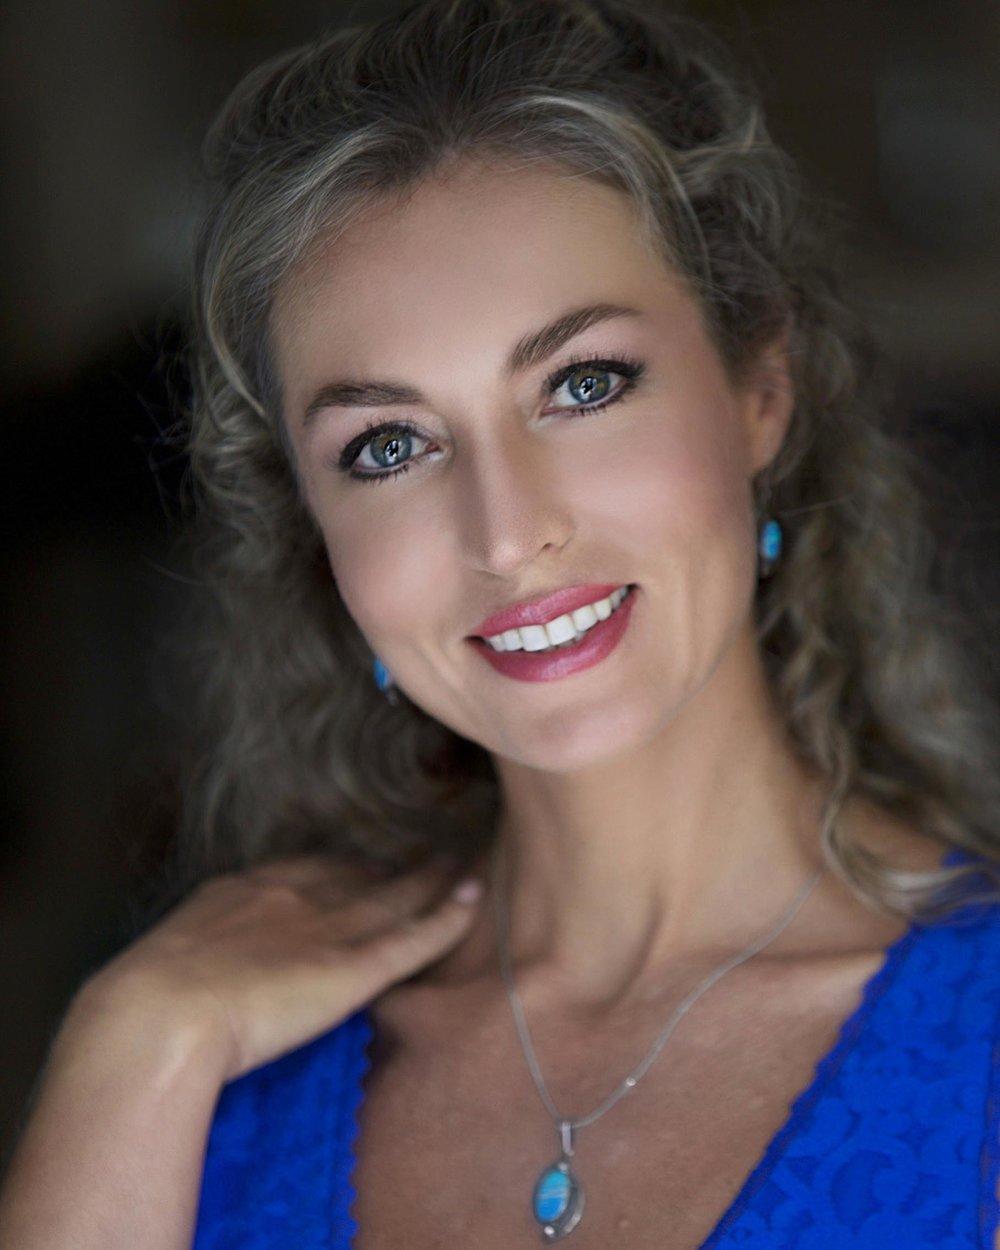 Yelizarova, Anna_Headshot3.jpg